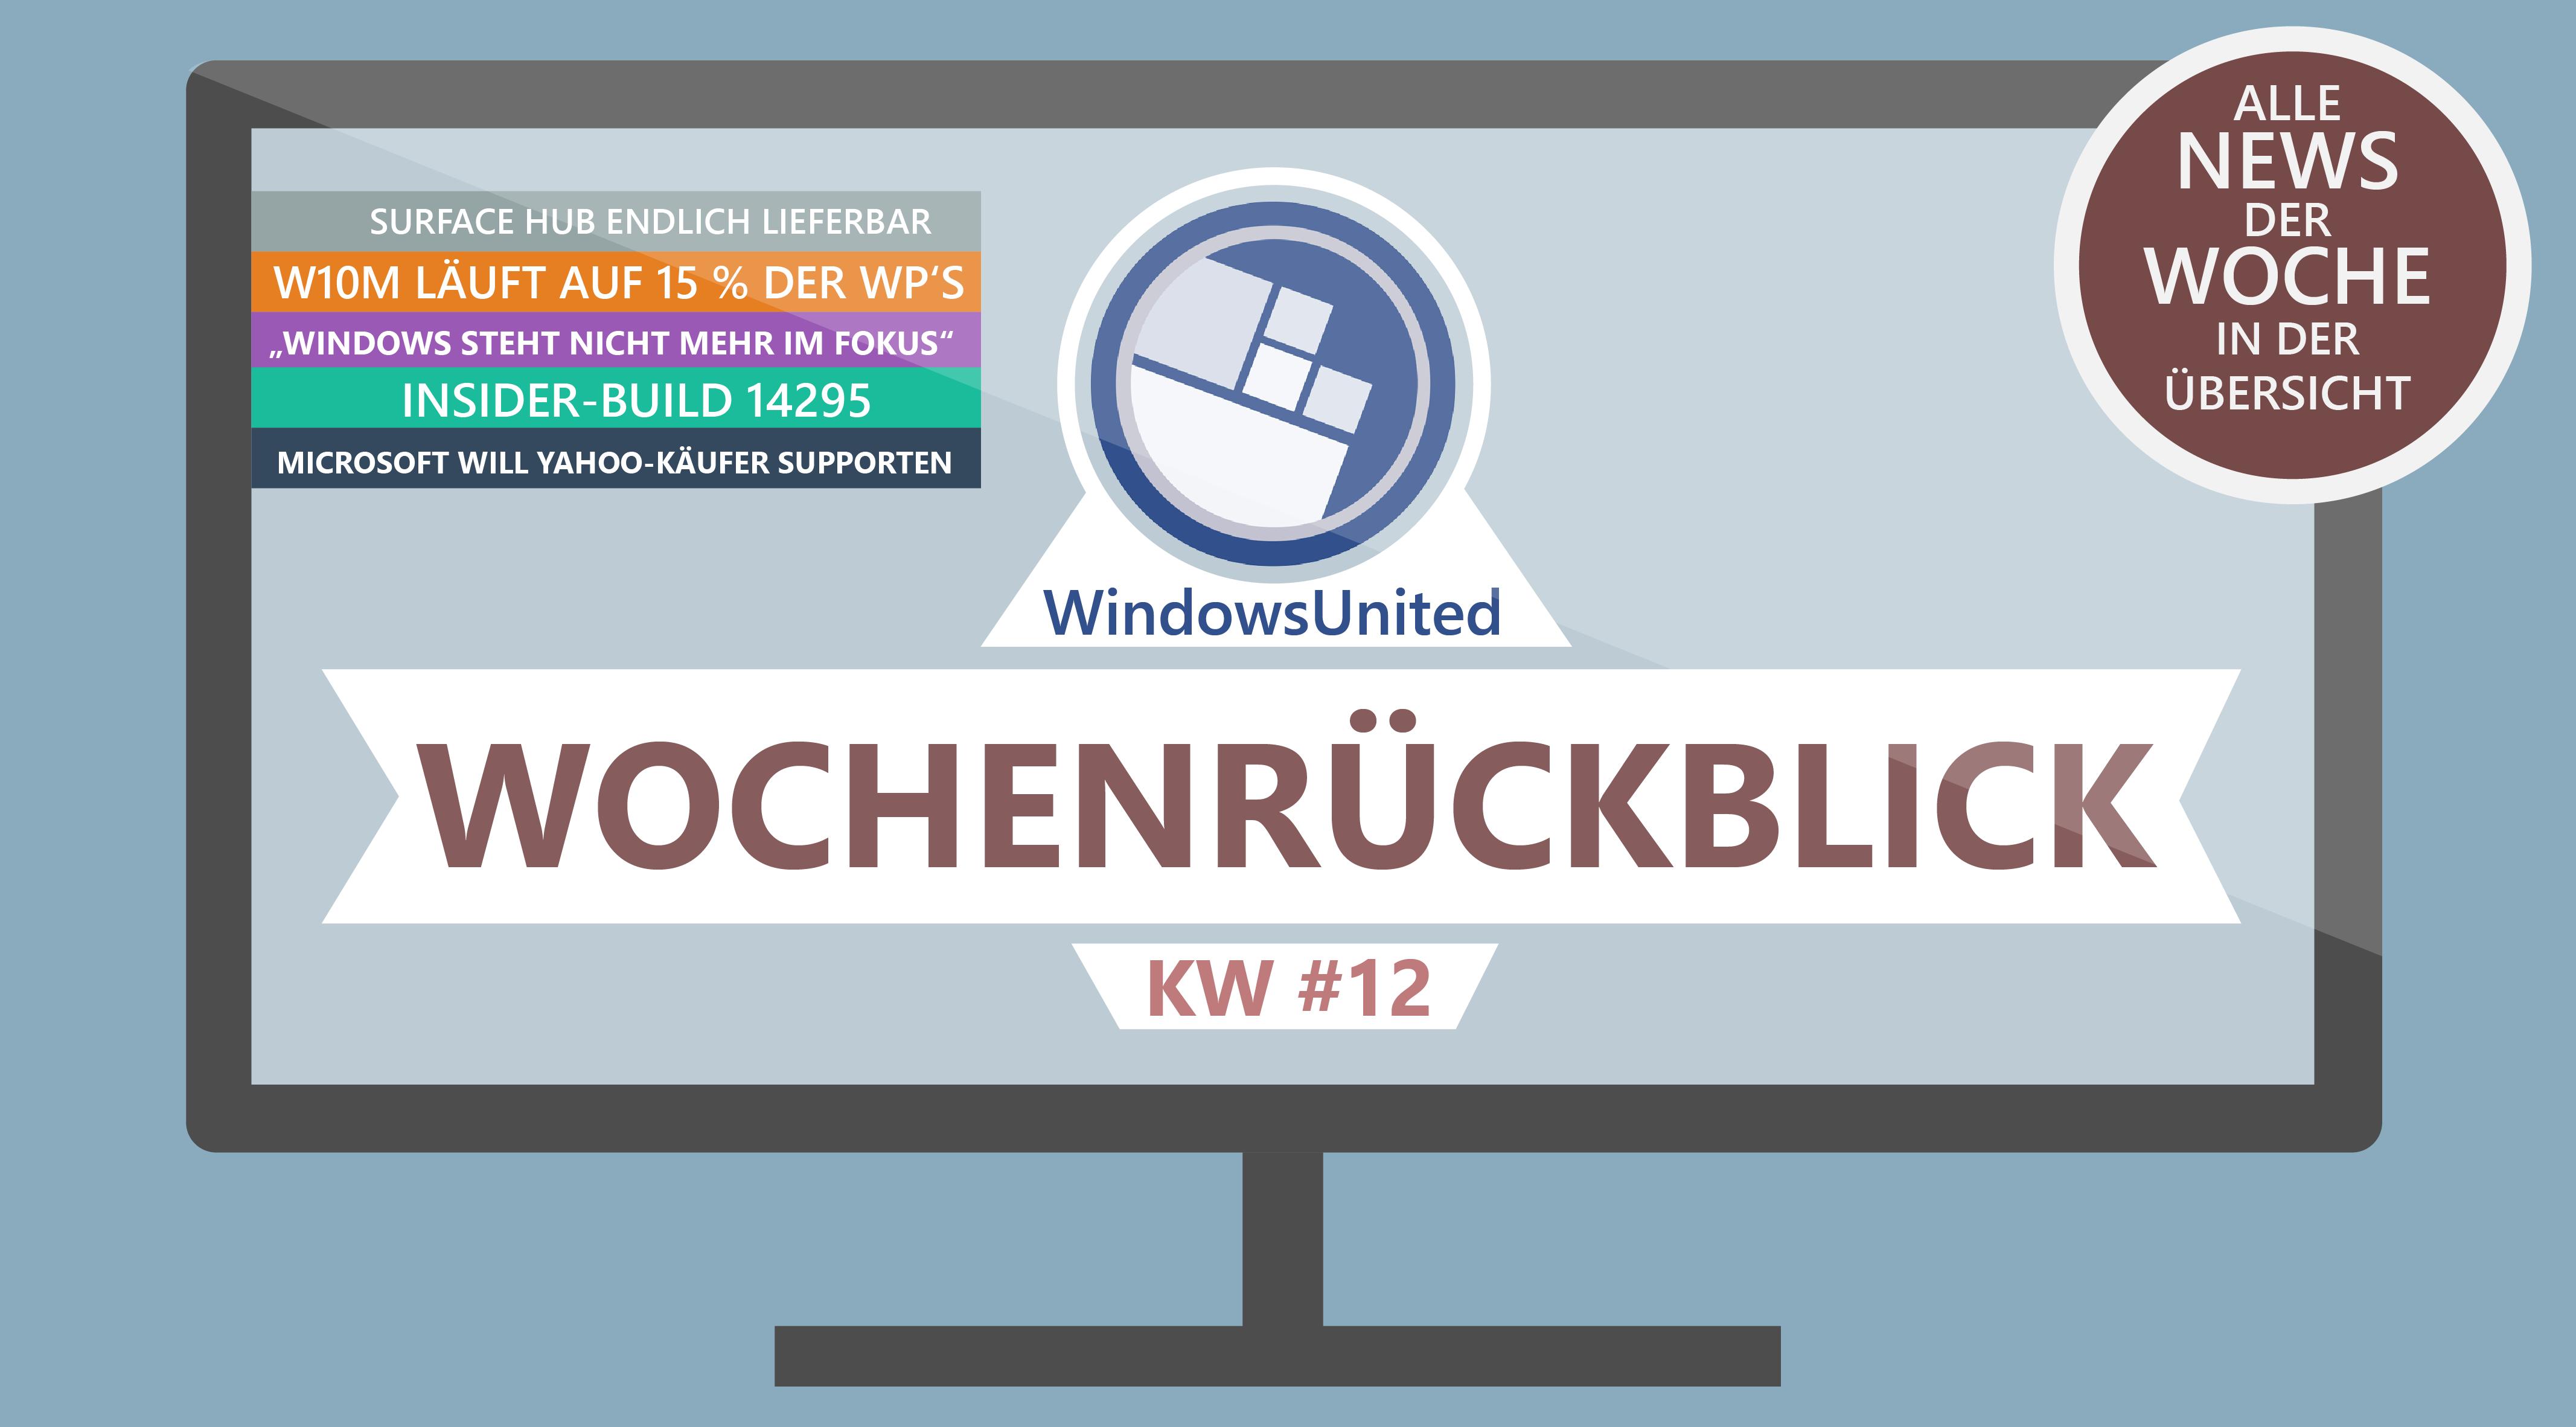 wochenrückblick_kw12